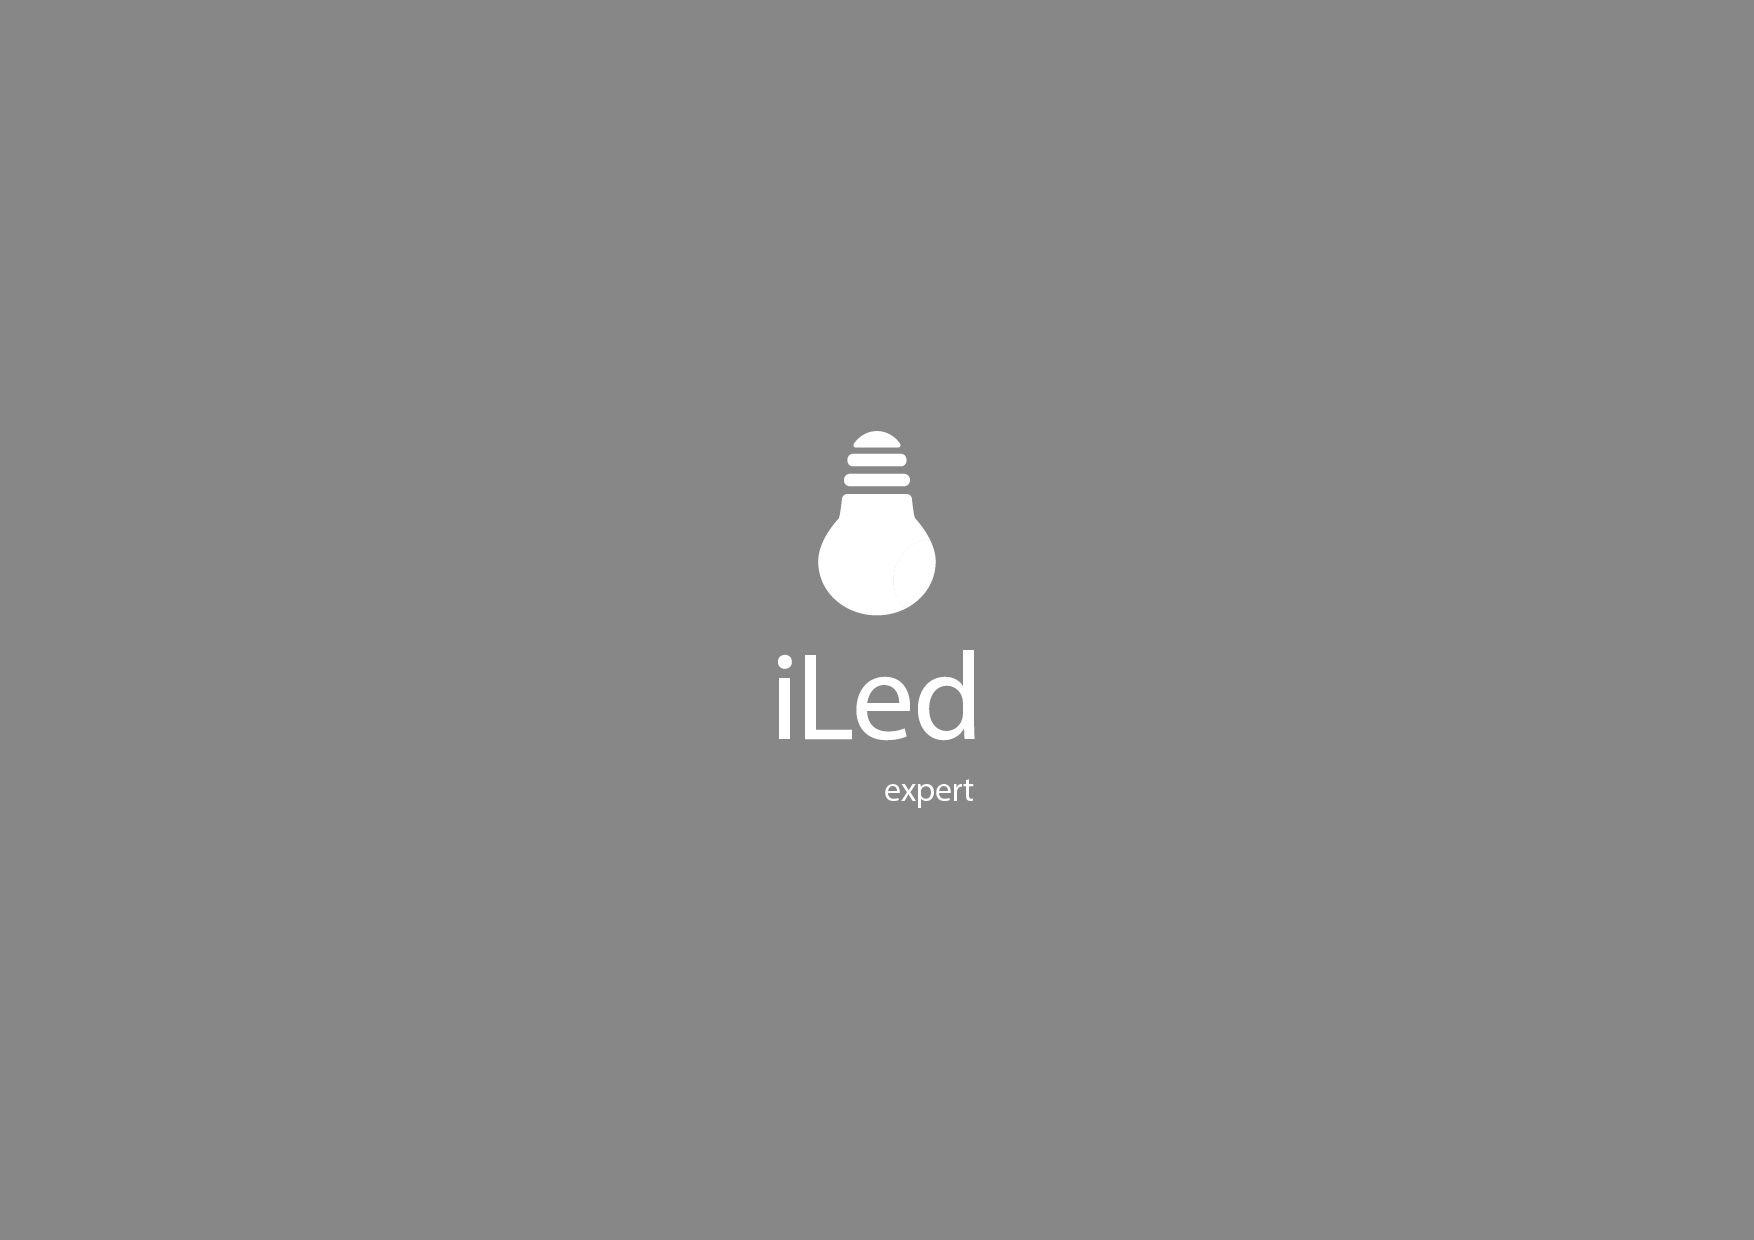 Логотип и фирменный стиль для iLed Expert - дизайнер LilyLilyLily